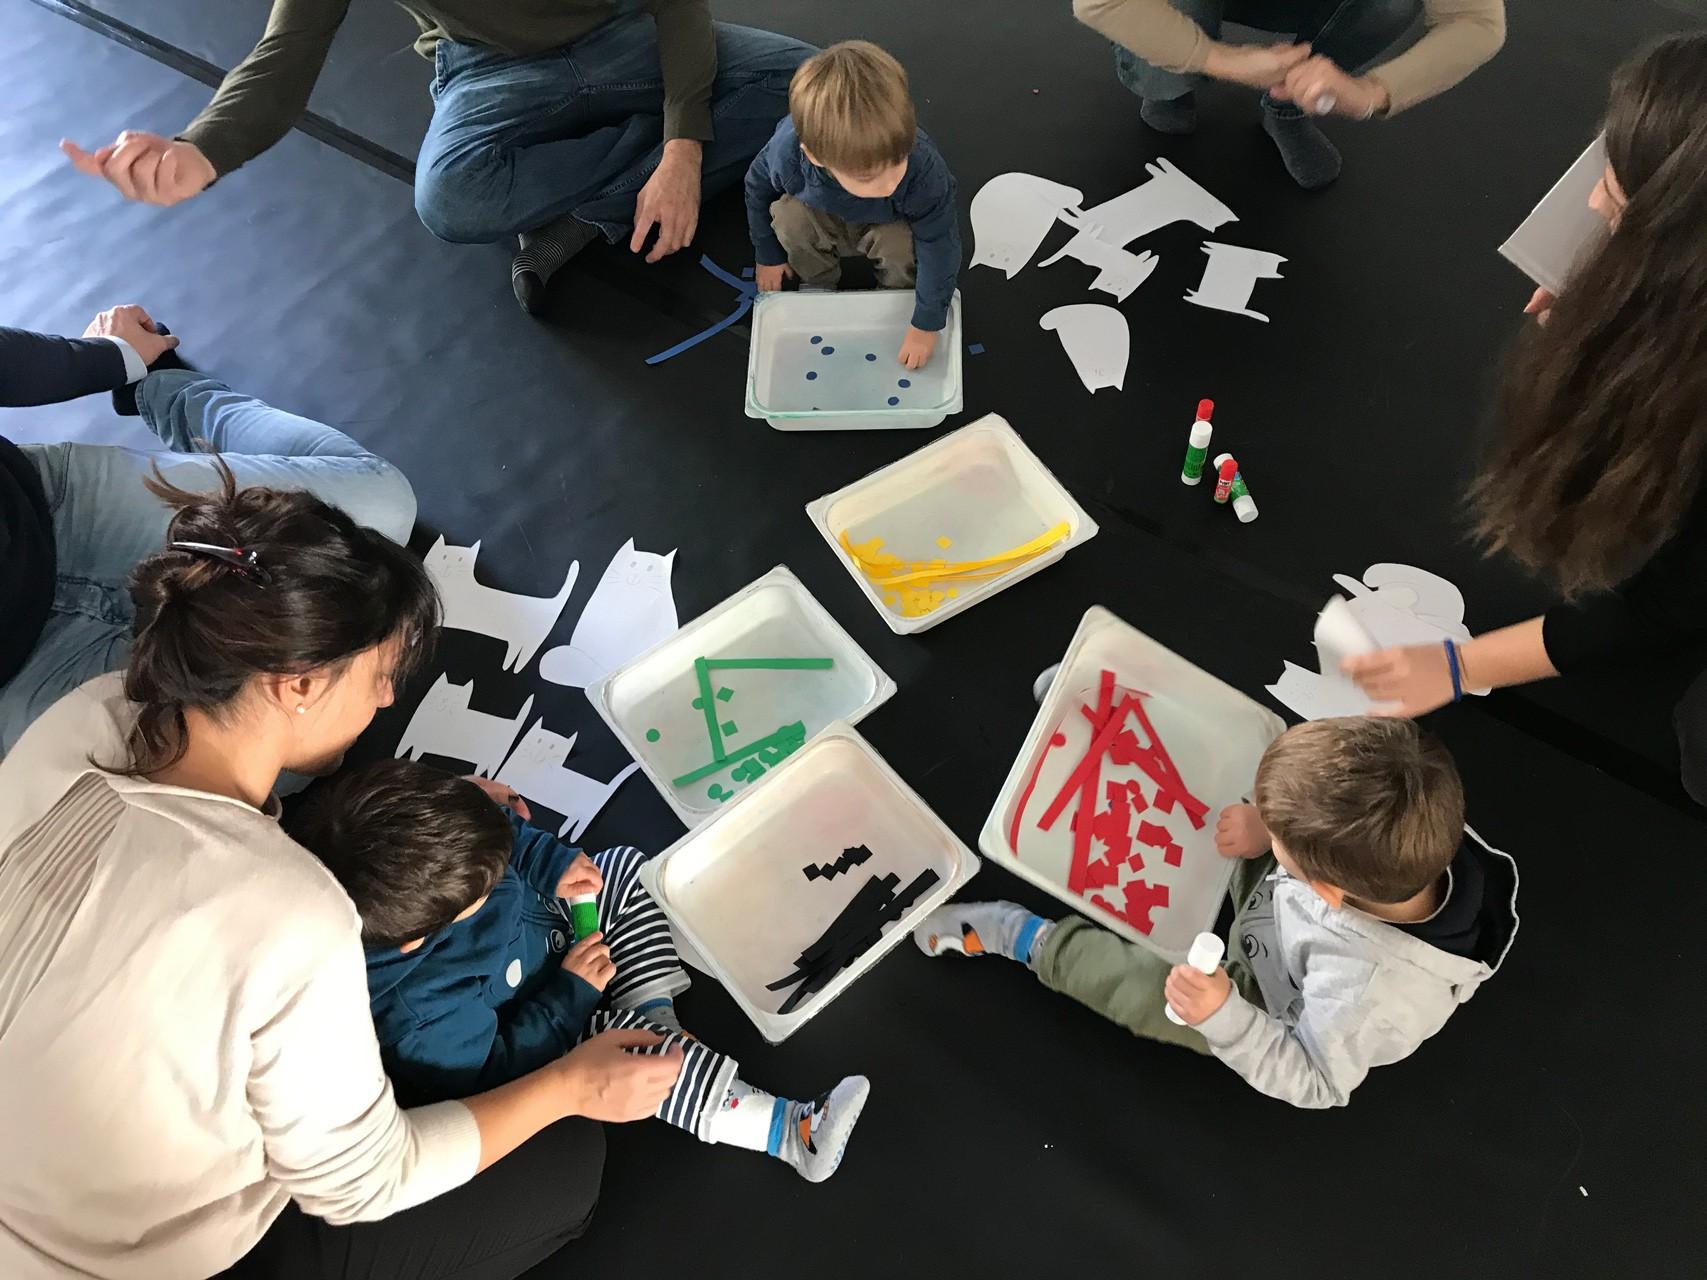 Atelier di famiglia: lettura animata e laboratorio creativo